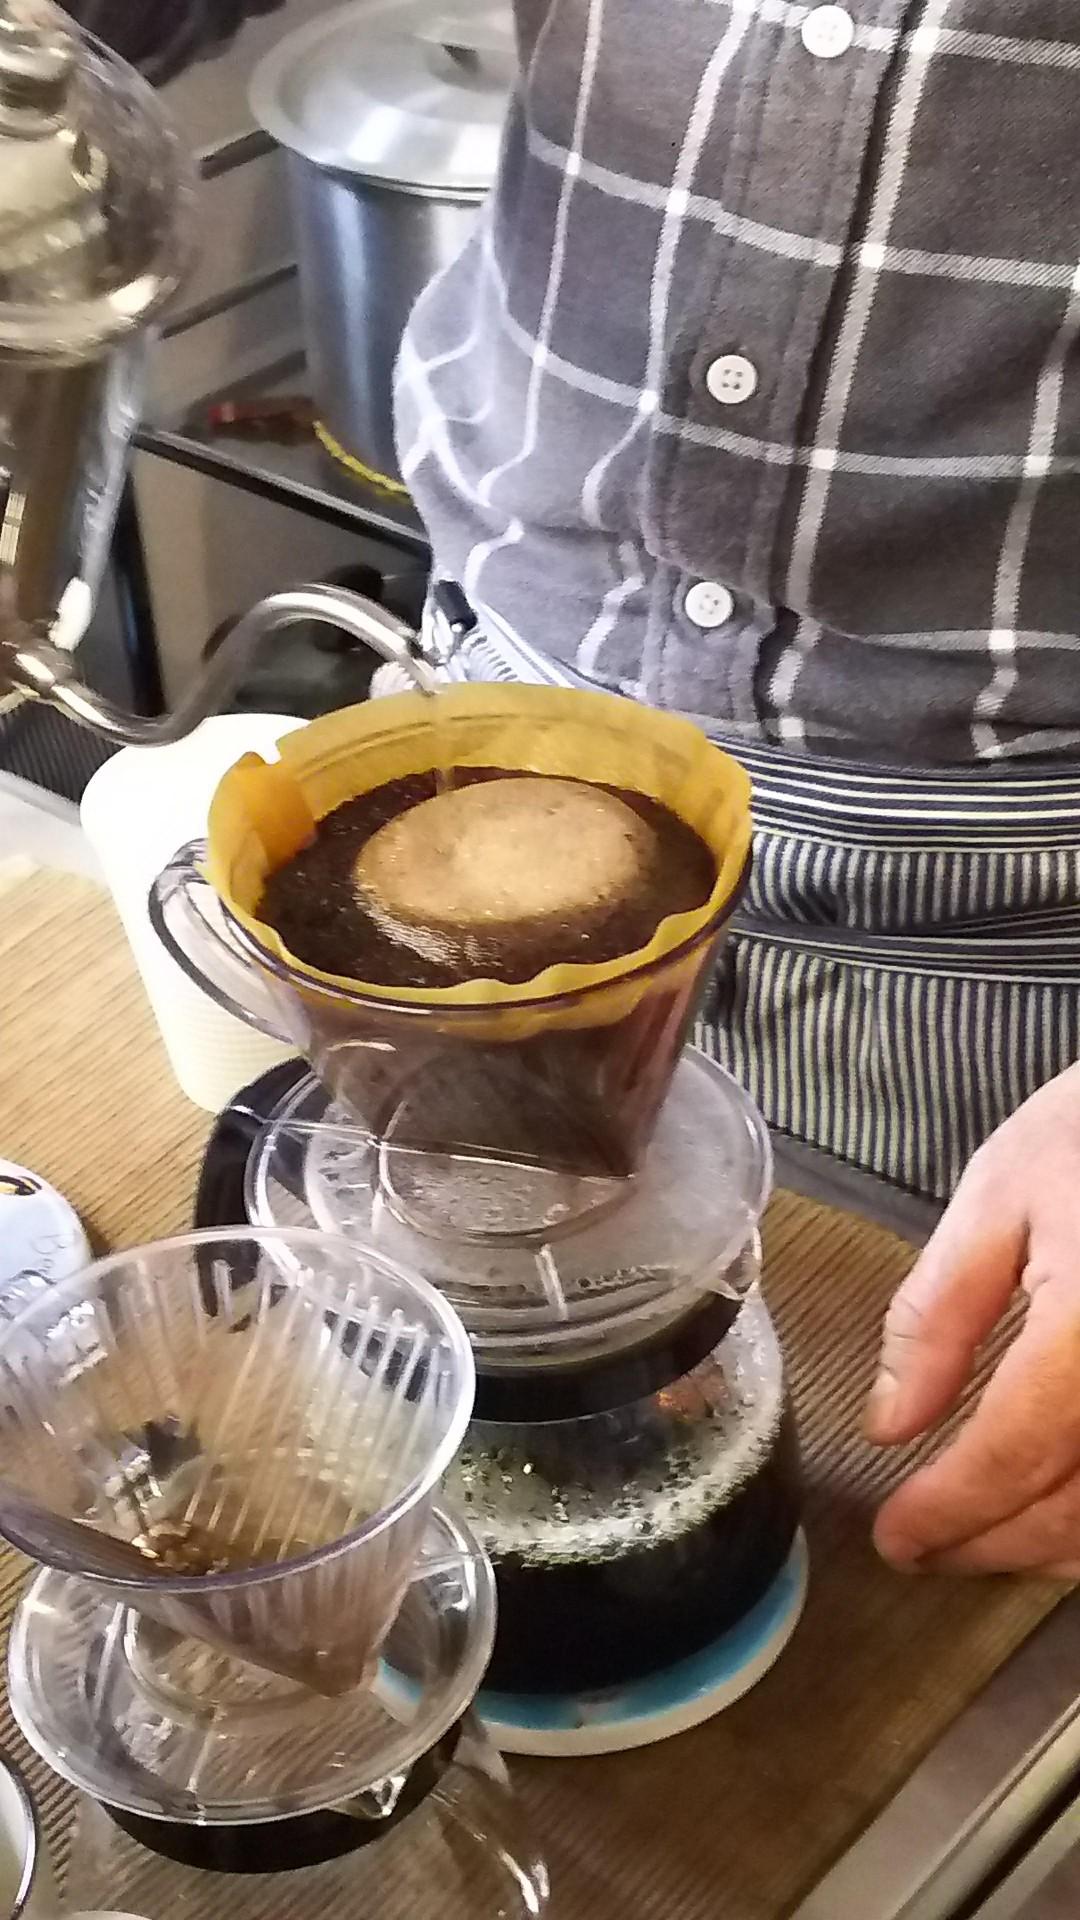 フェアトレードのコーヒーやホットチョコレート試飲のほか、絵本の読み語りもあります。